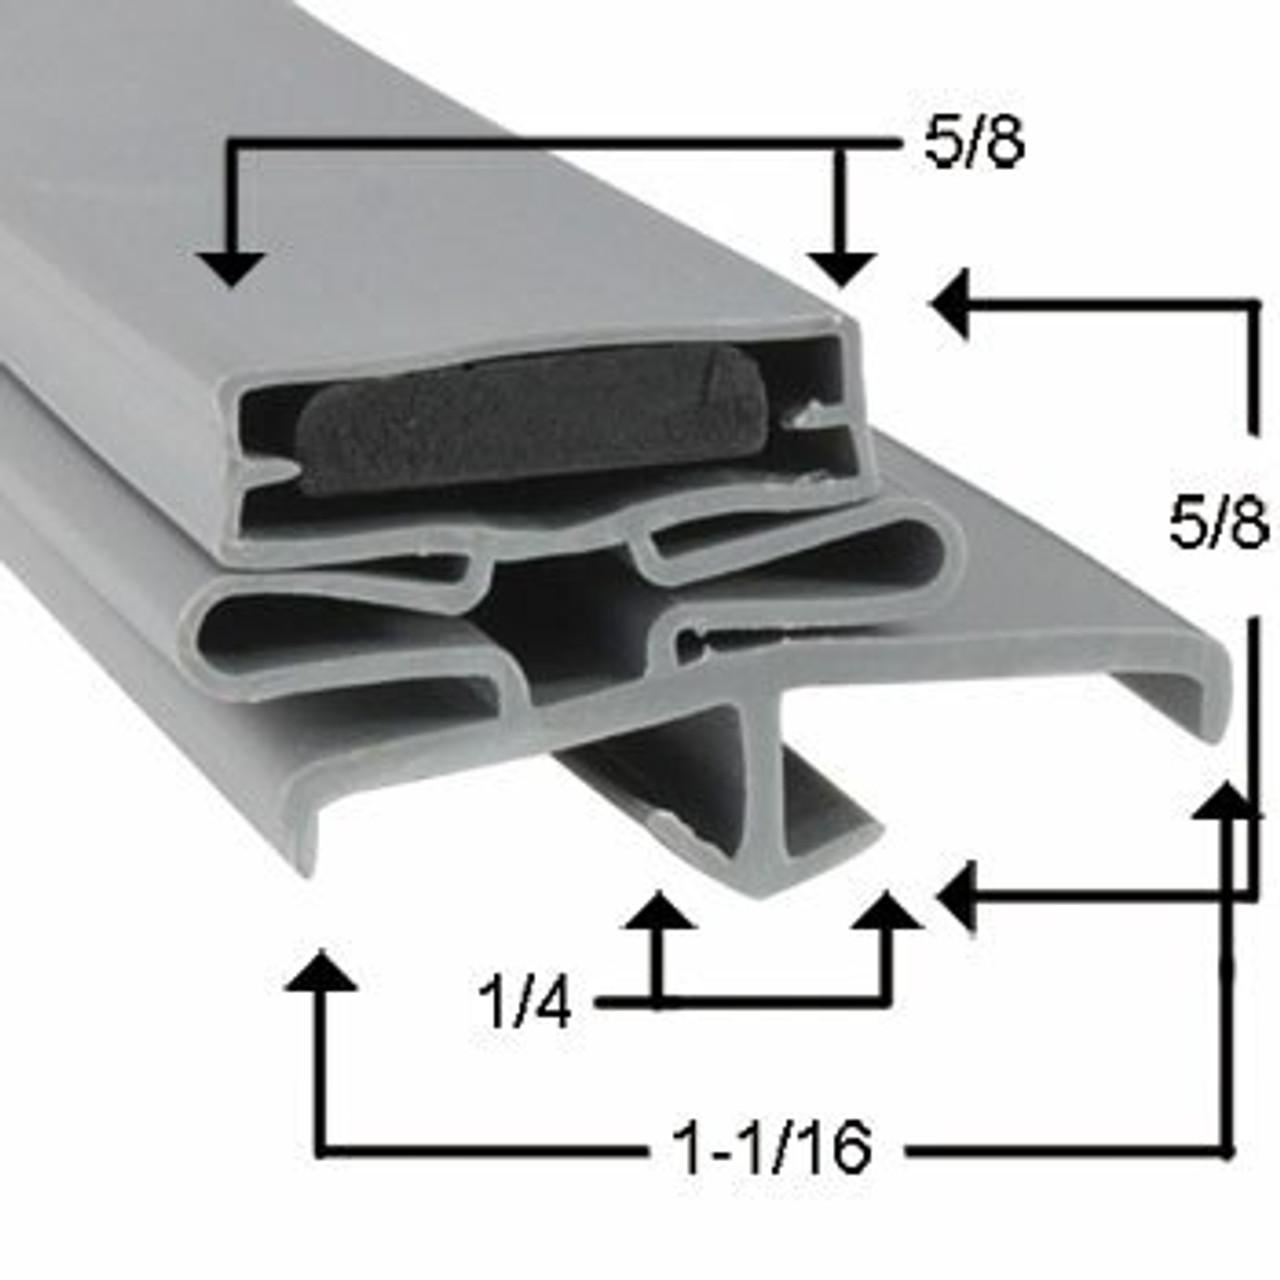 Brown Door Gasket Profile 165 38 x 84 1/2 - 3 sided